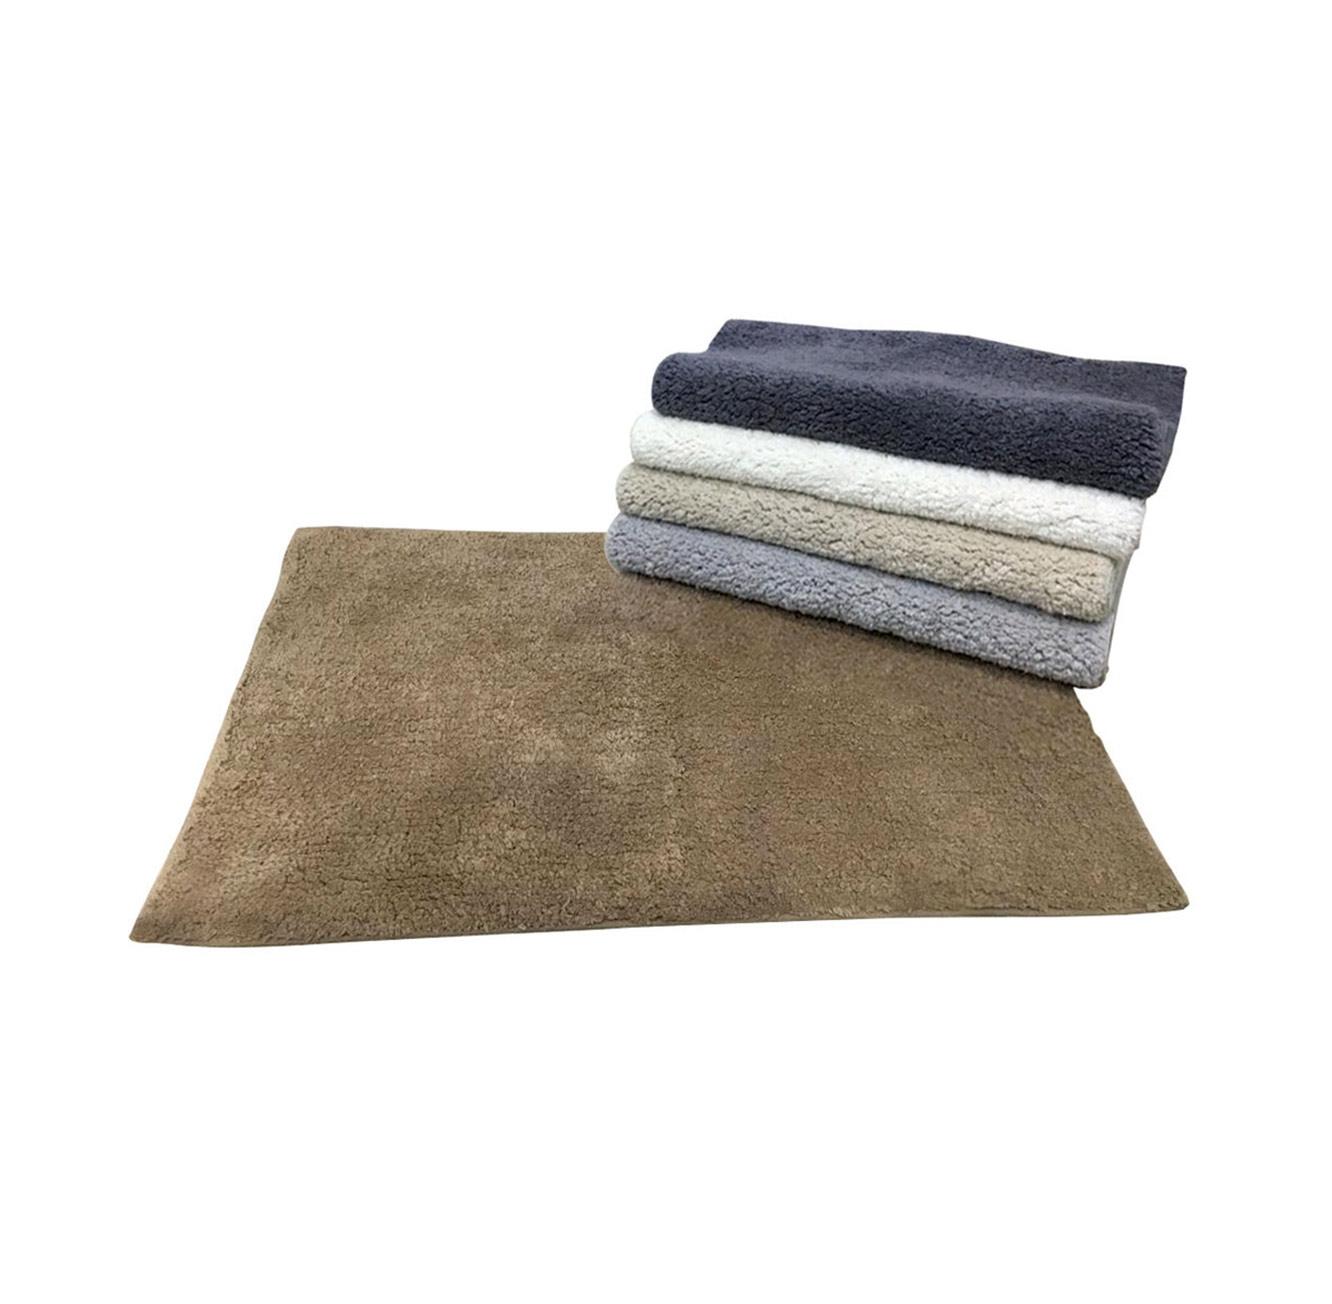 שטיח אמבט מור 100% כותנה נגד החלקה